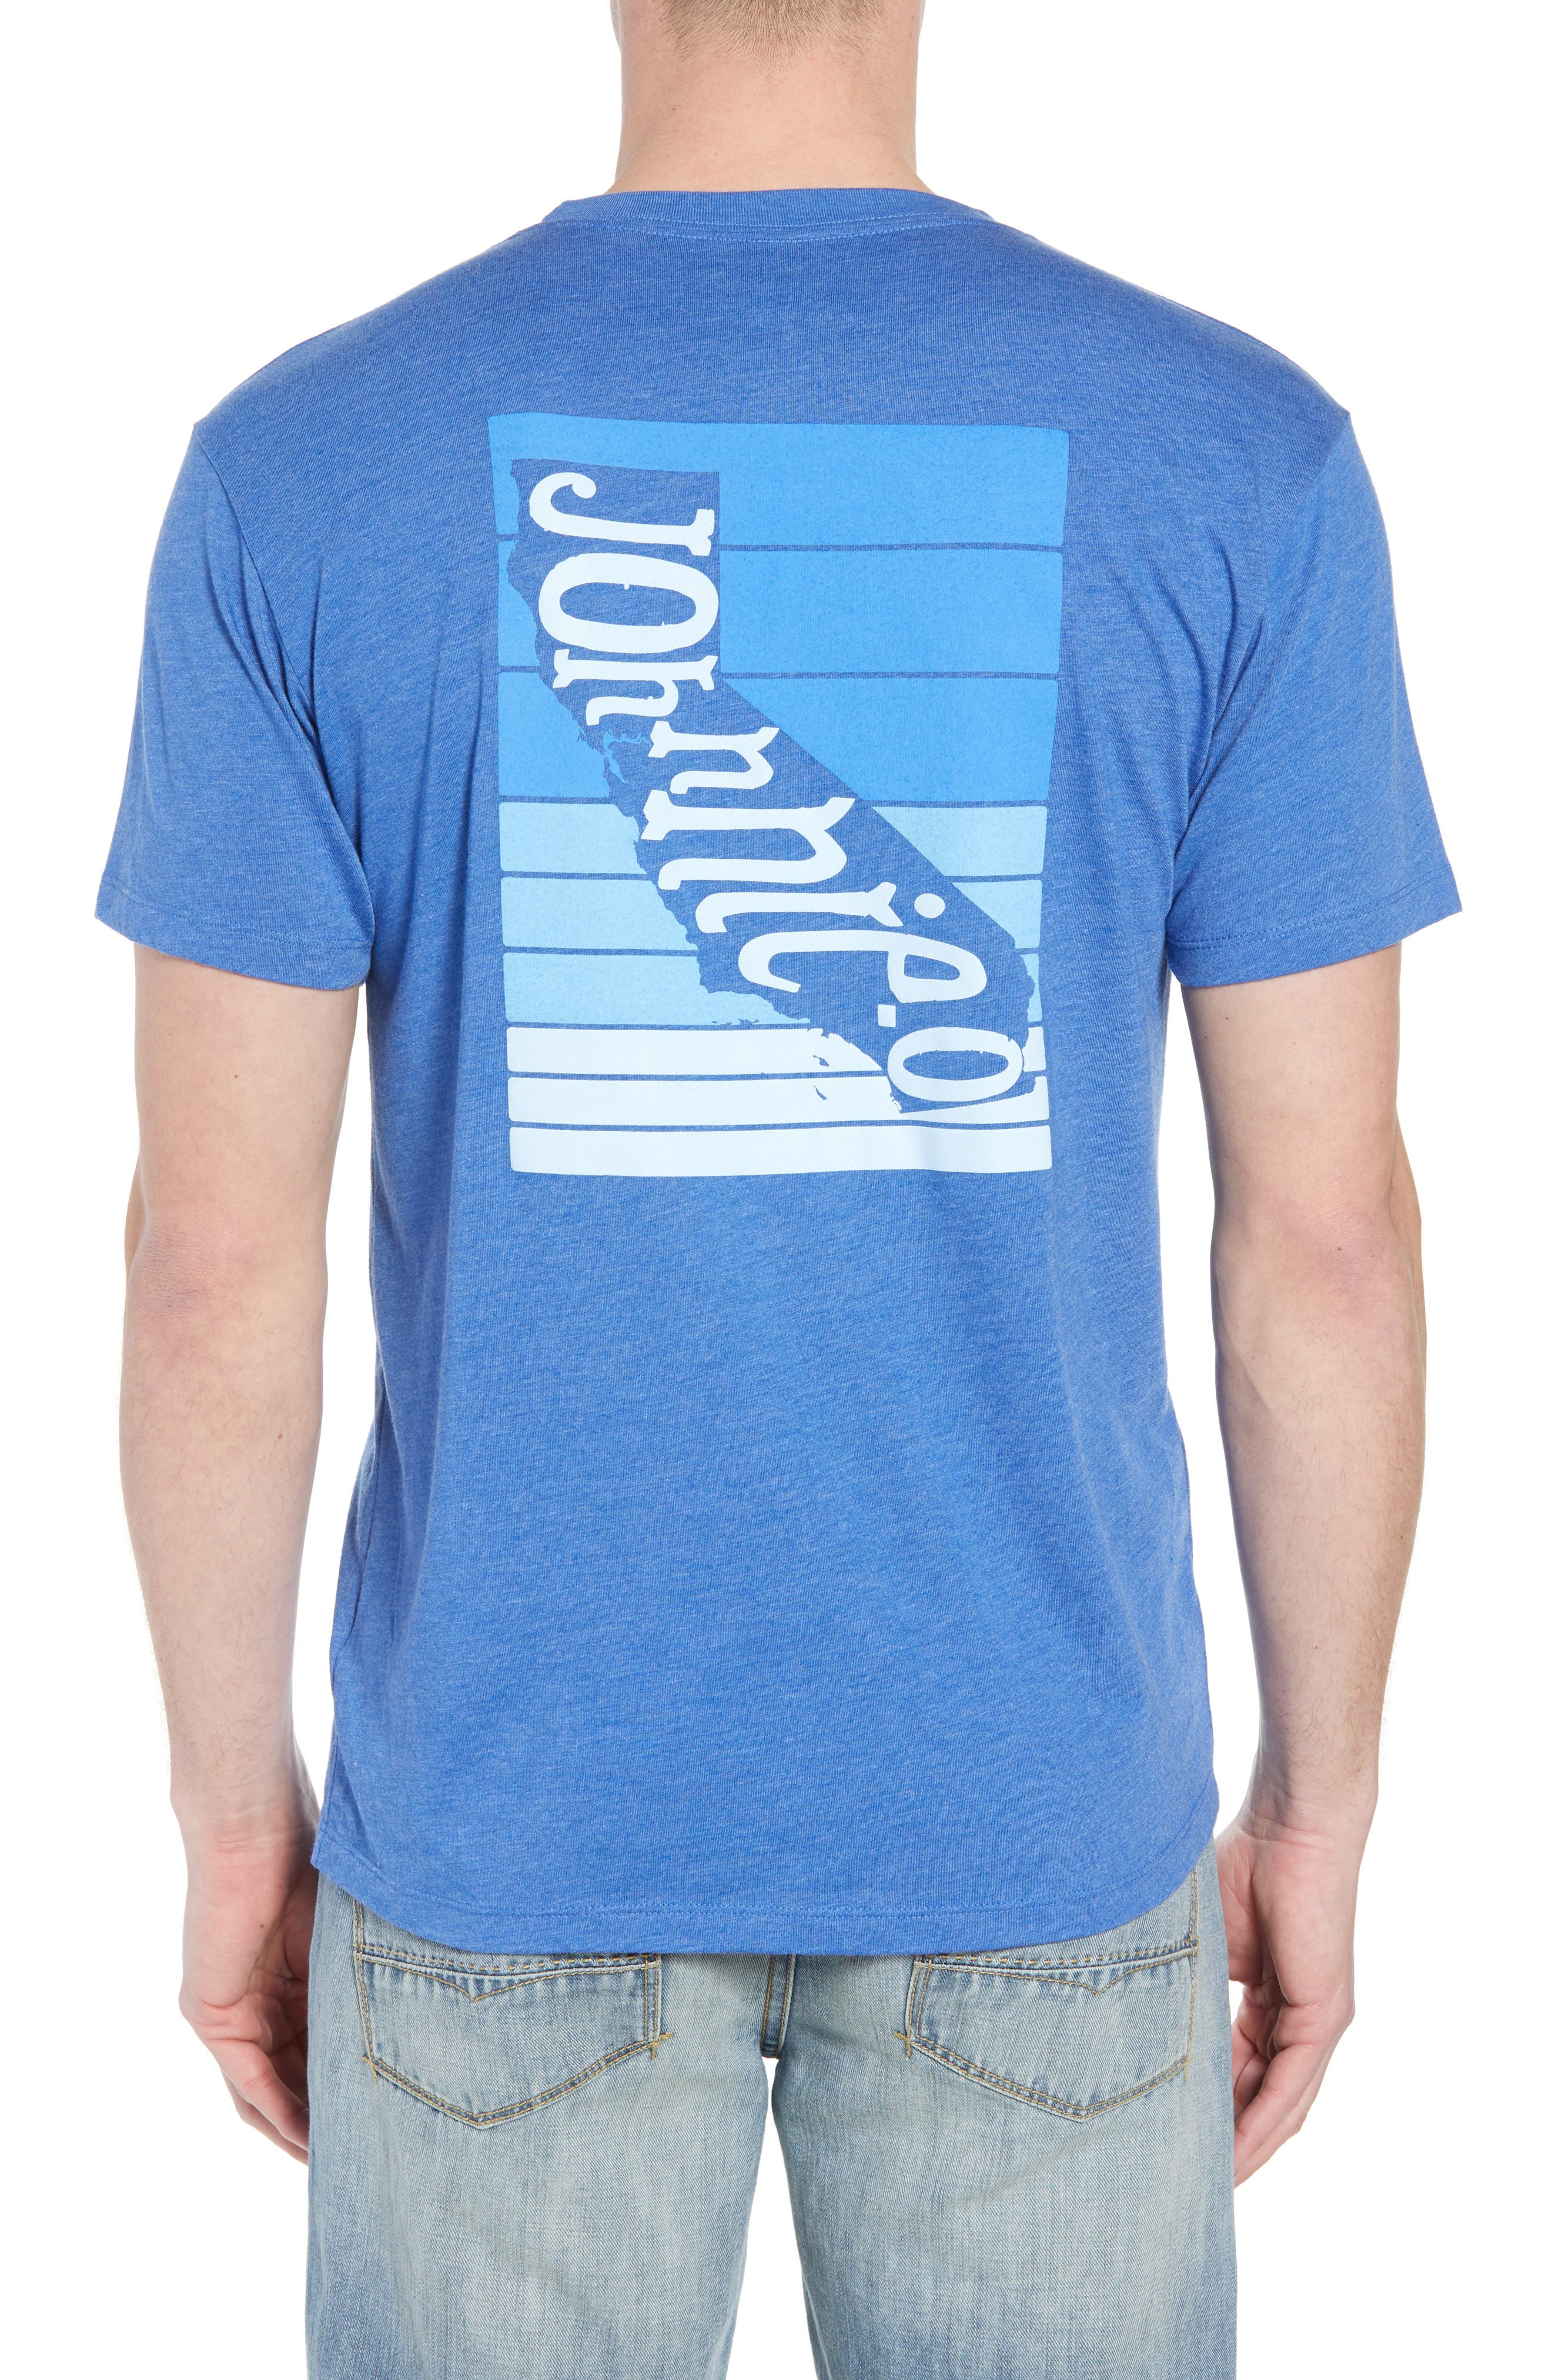 Cali Stripe Graphic T-Shirt,                             Alternate thumbnail 2, color,                             Ripple